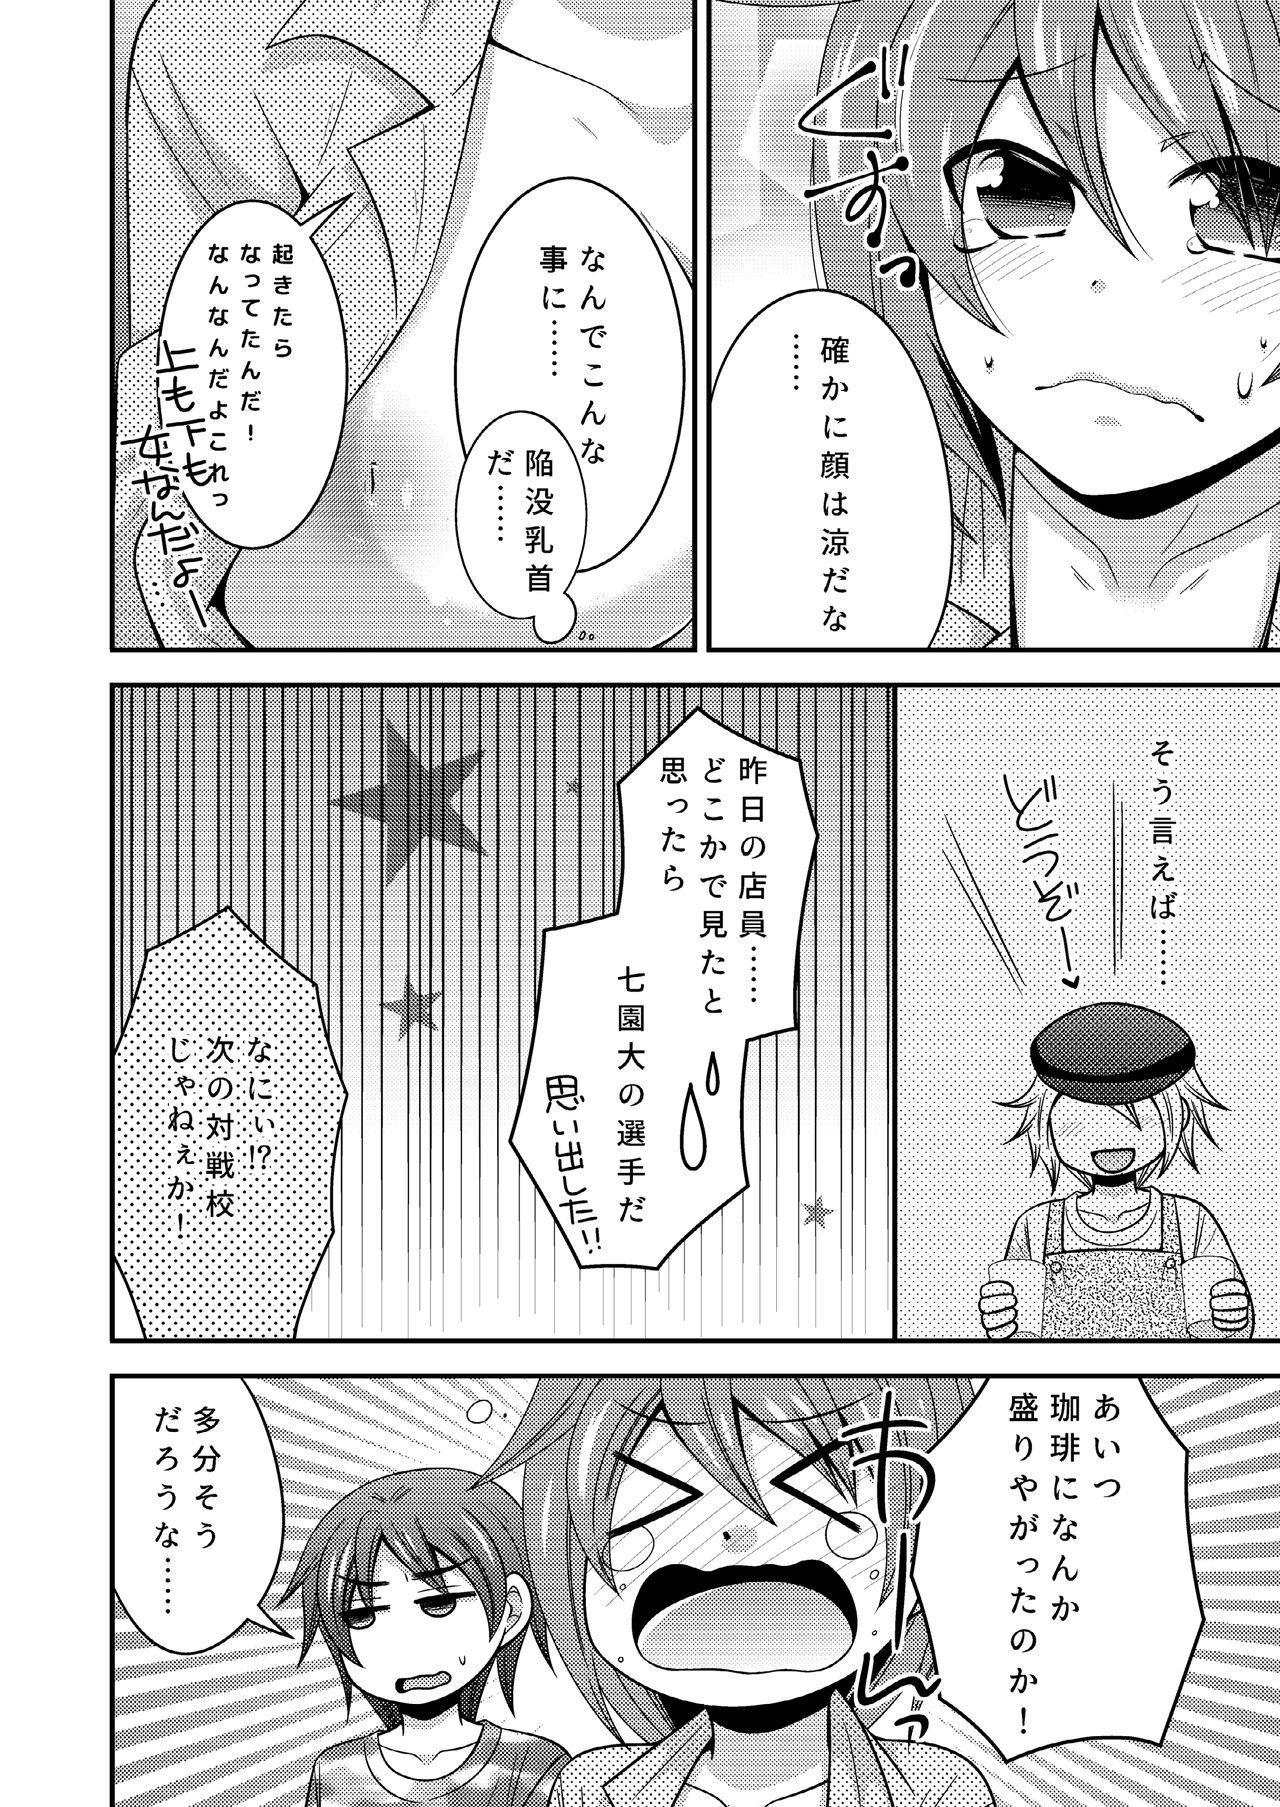 Yakyuubu no Ace ga Nyotaika shite Shinyuu to Ecchi + Yoru no Aida wa Onnanoko 6